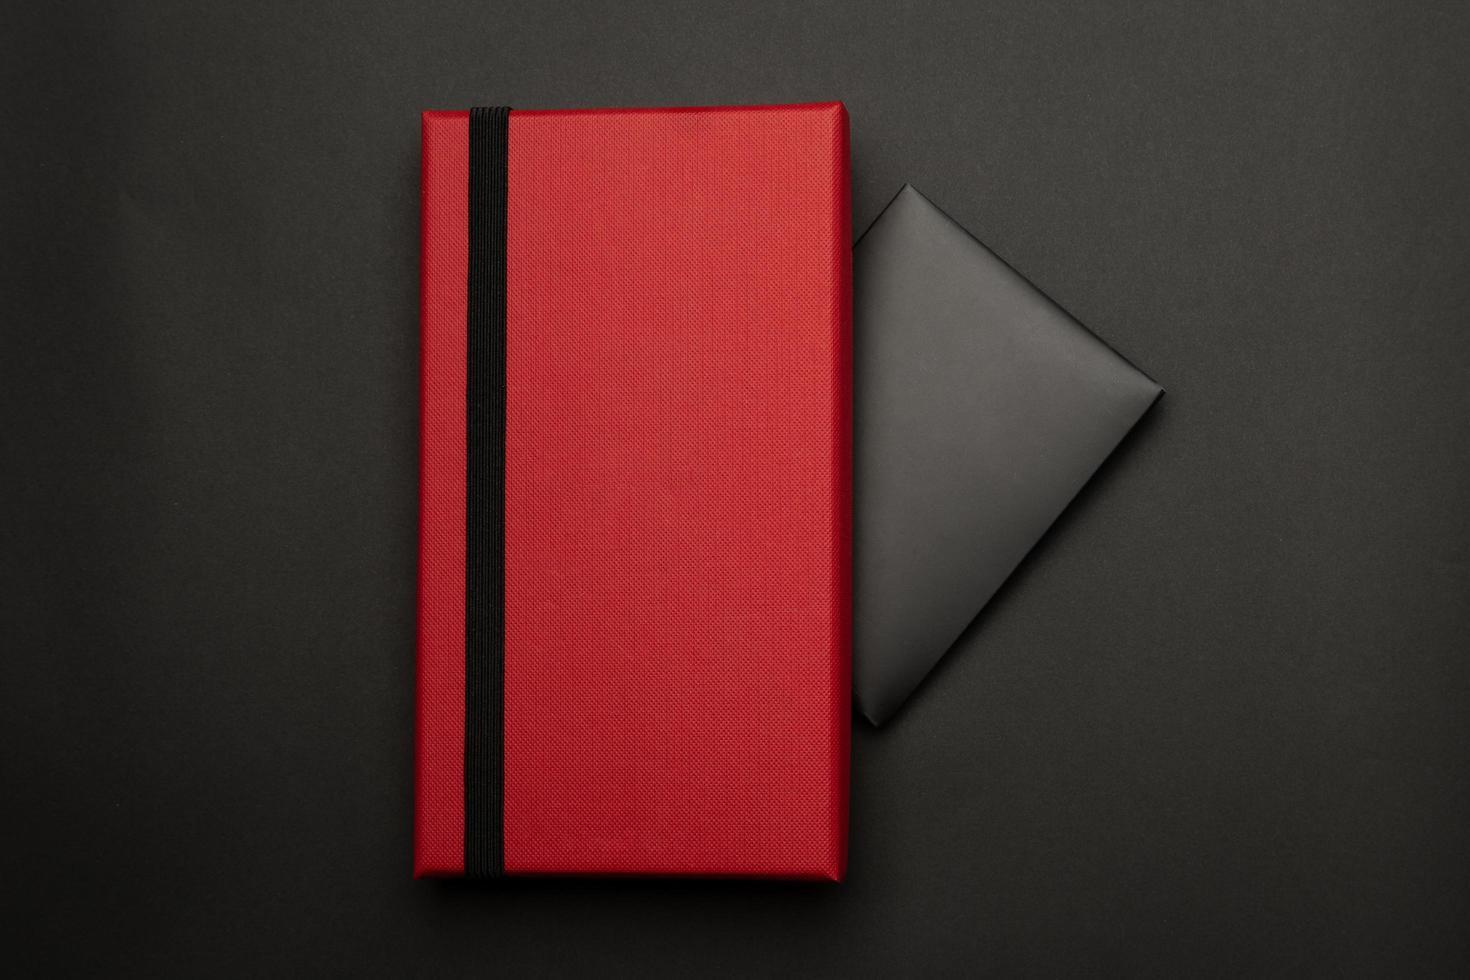 rode geschenkdoos met zwarte envelopkaart foto